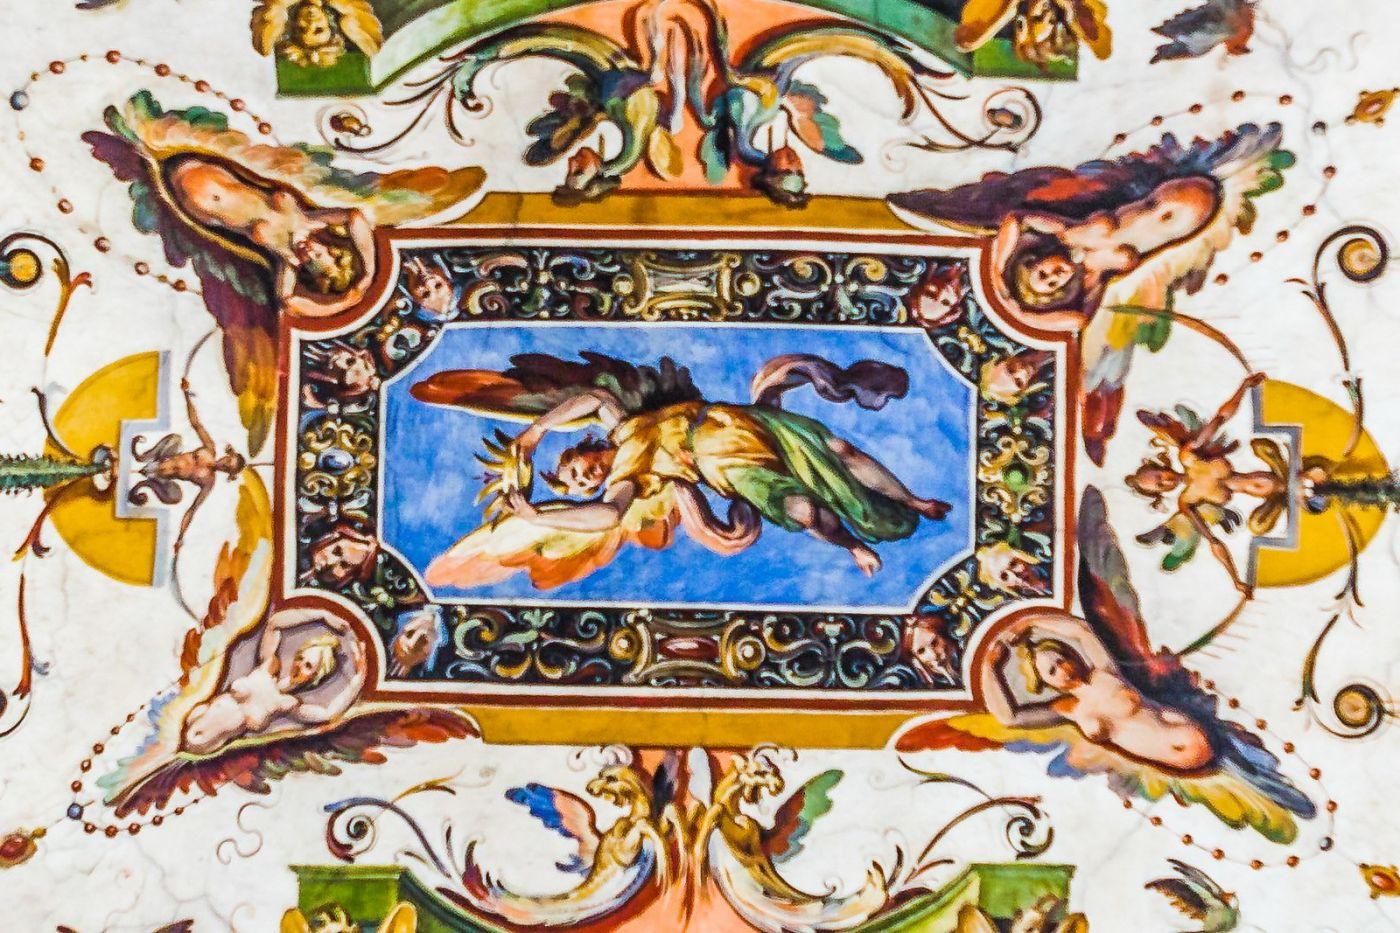 意大利佛罗伦斯乌菲兹美术馆, 藏品大展_图1-12